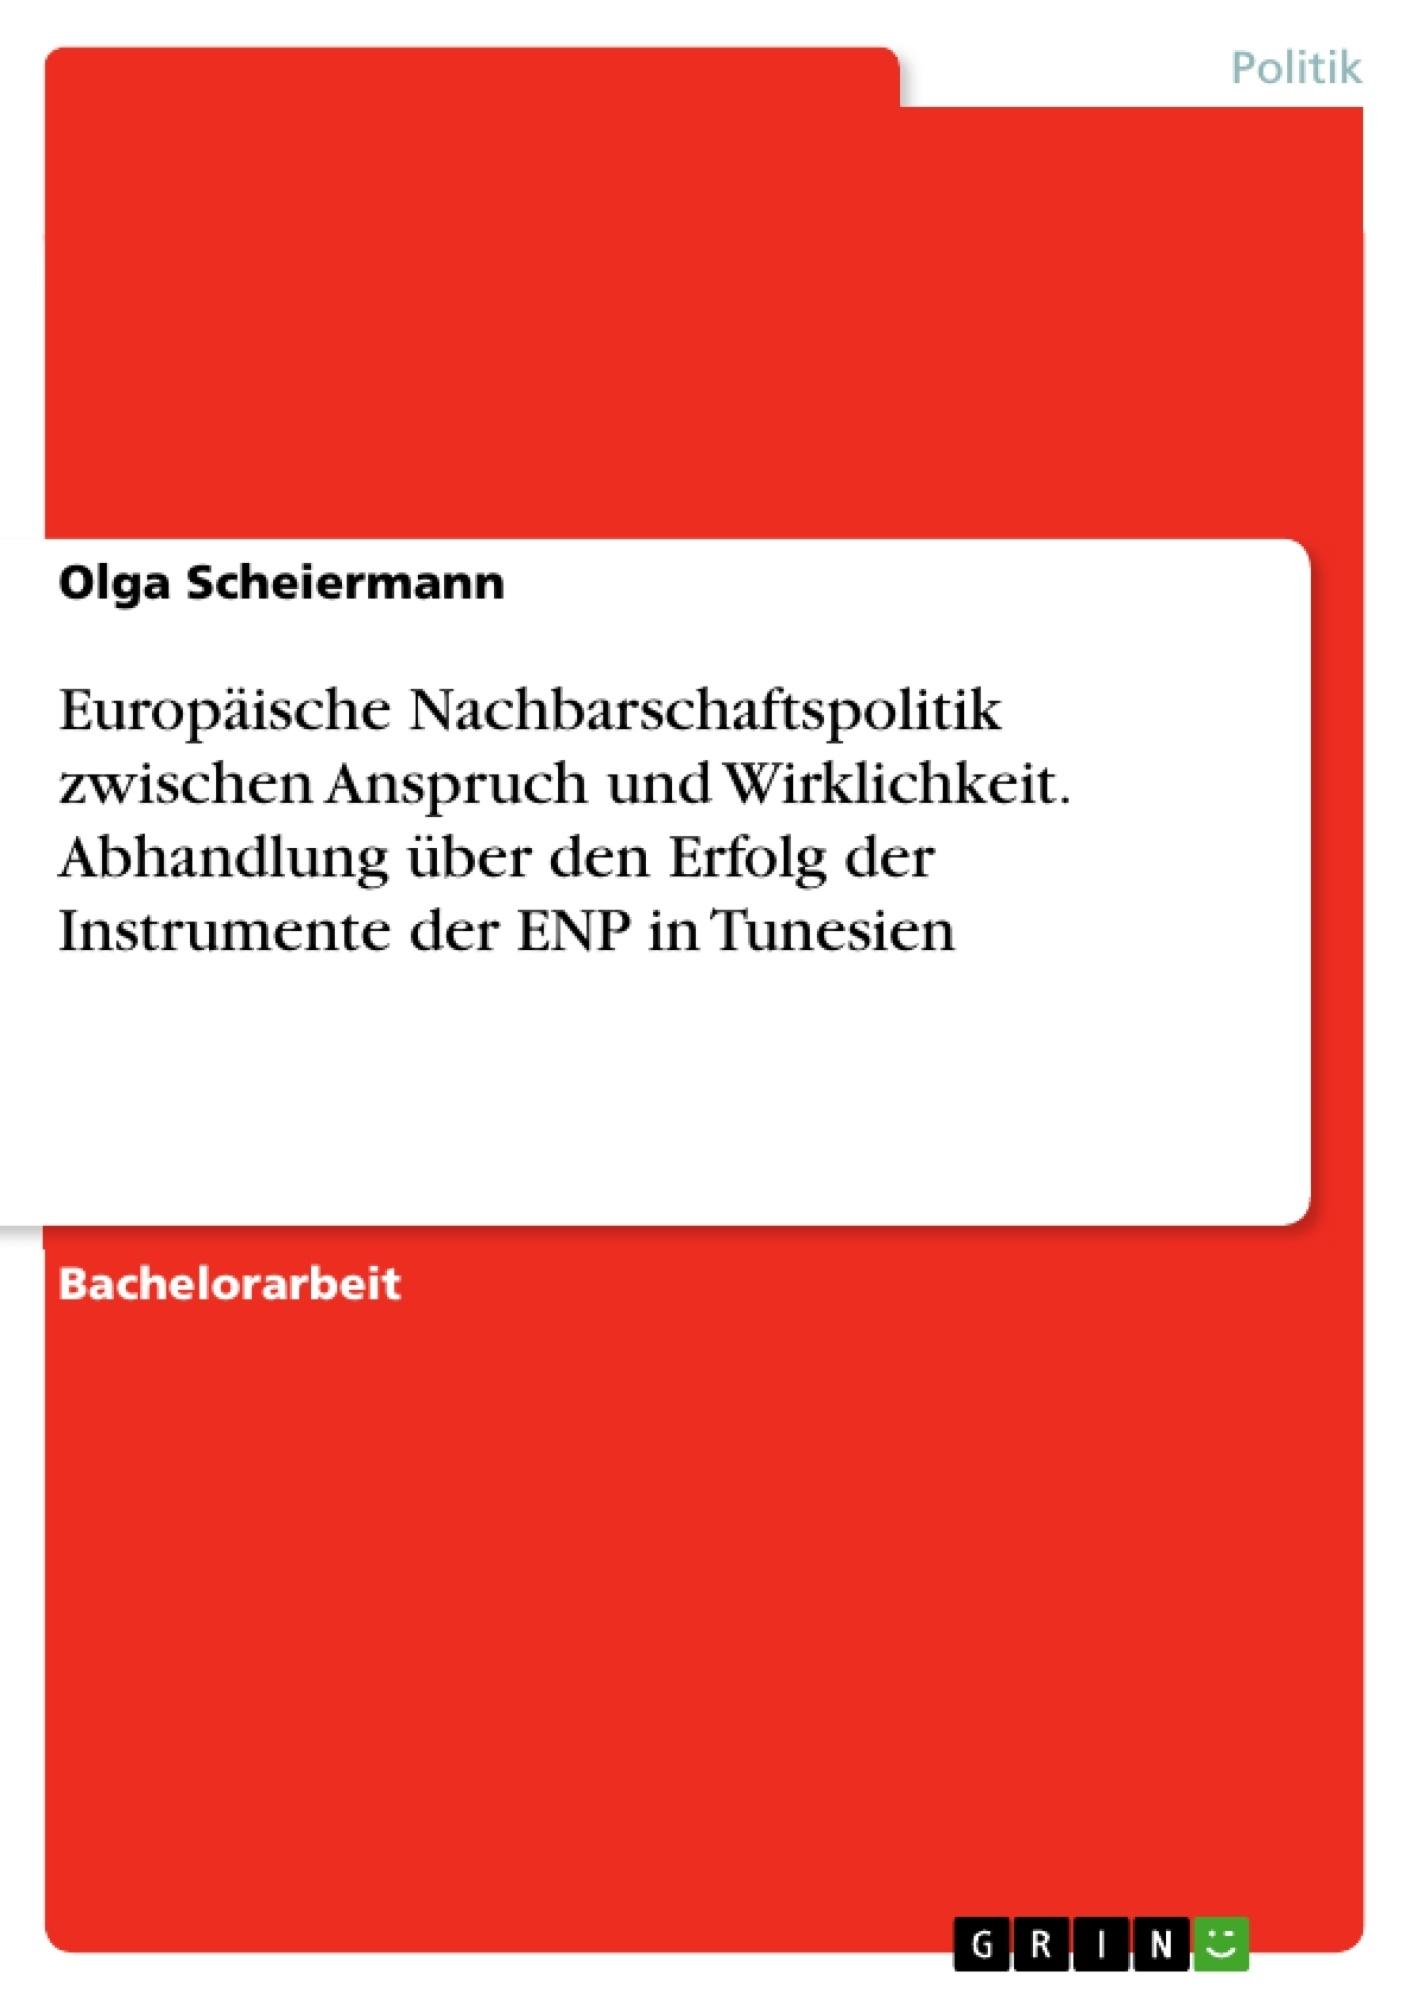 Titel: Europäische Nachbarschaftspolitik zwischen Anspruch und Wirklichkeit. Abhandlung über den Erfolg der Instrumente der ENP in Tunesien